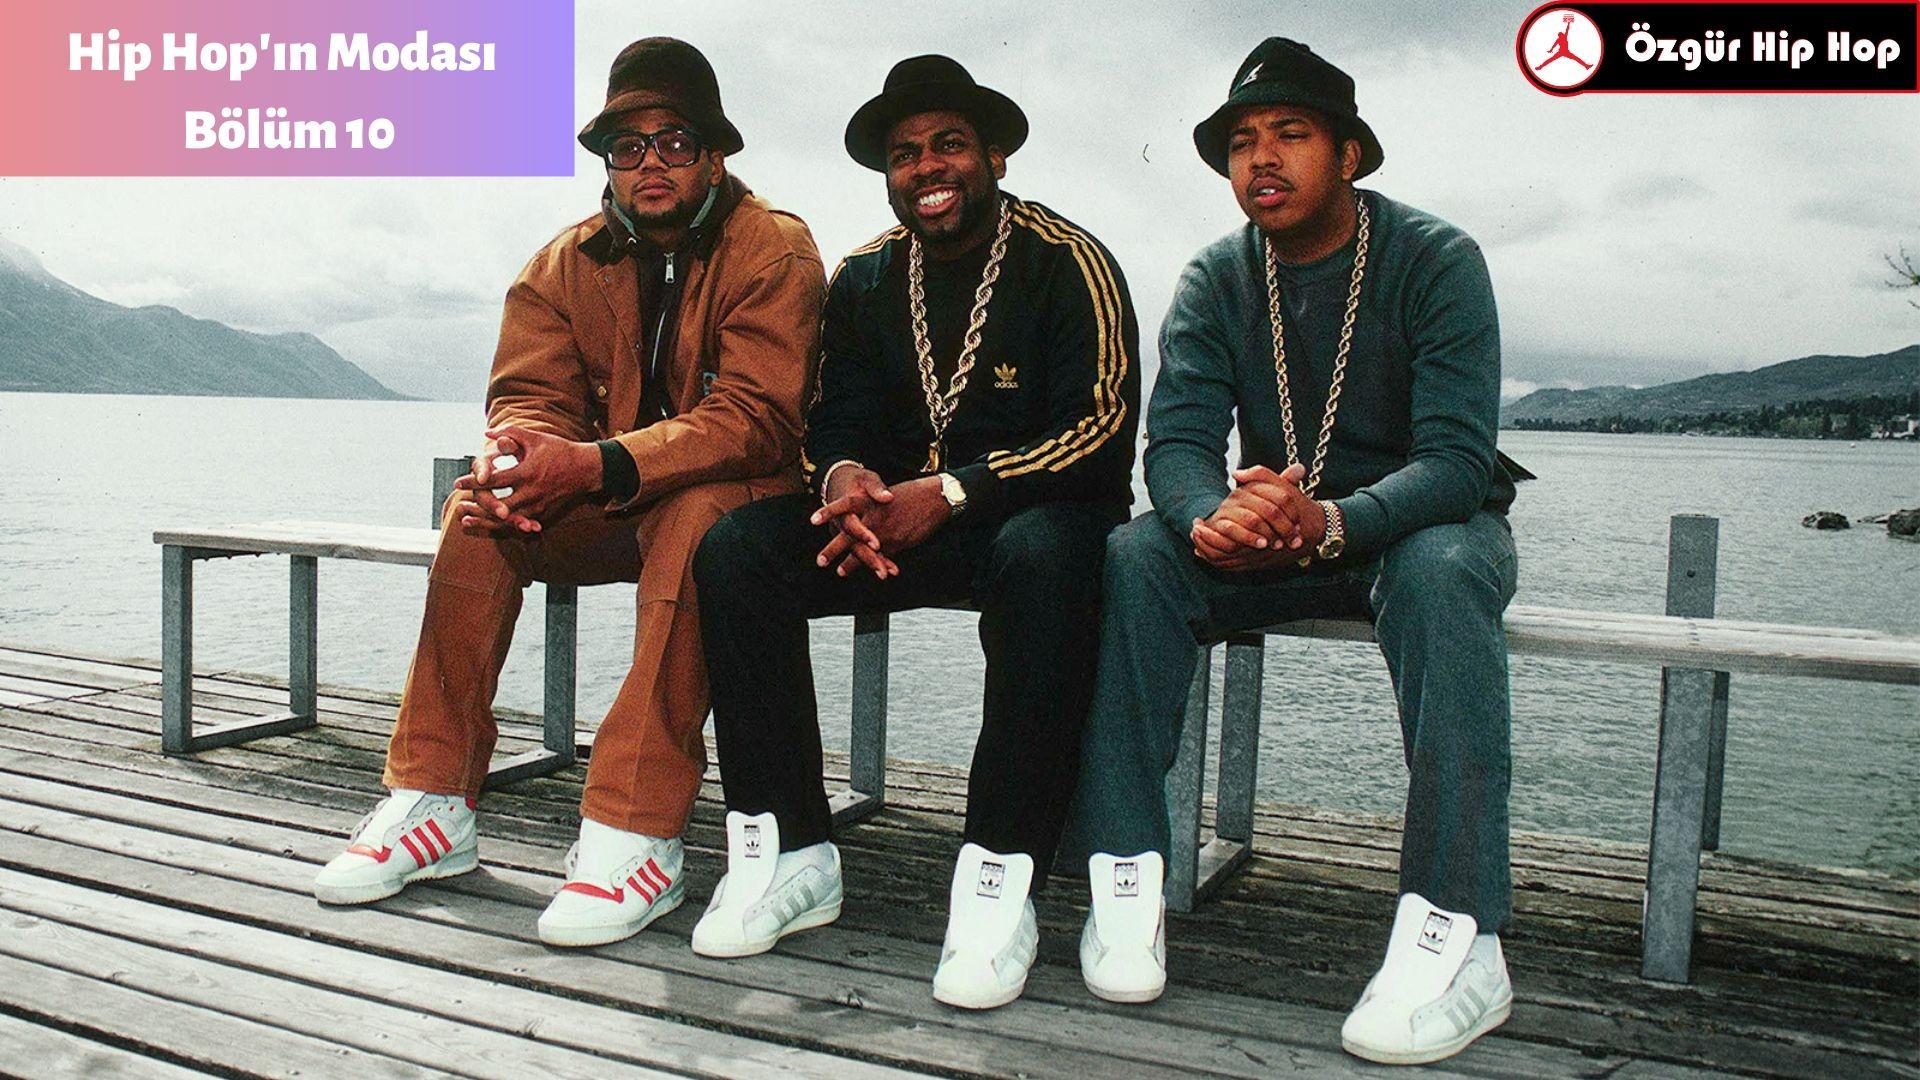 Hip Hop'ın Modası Bölüm 10